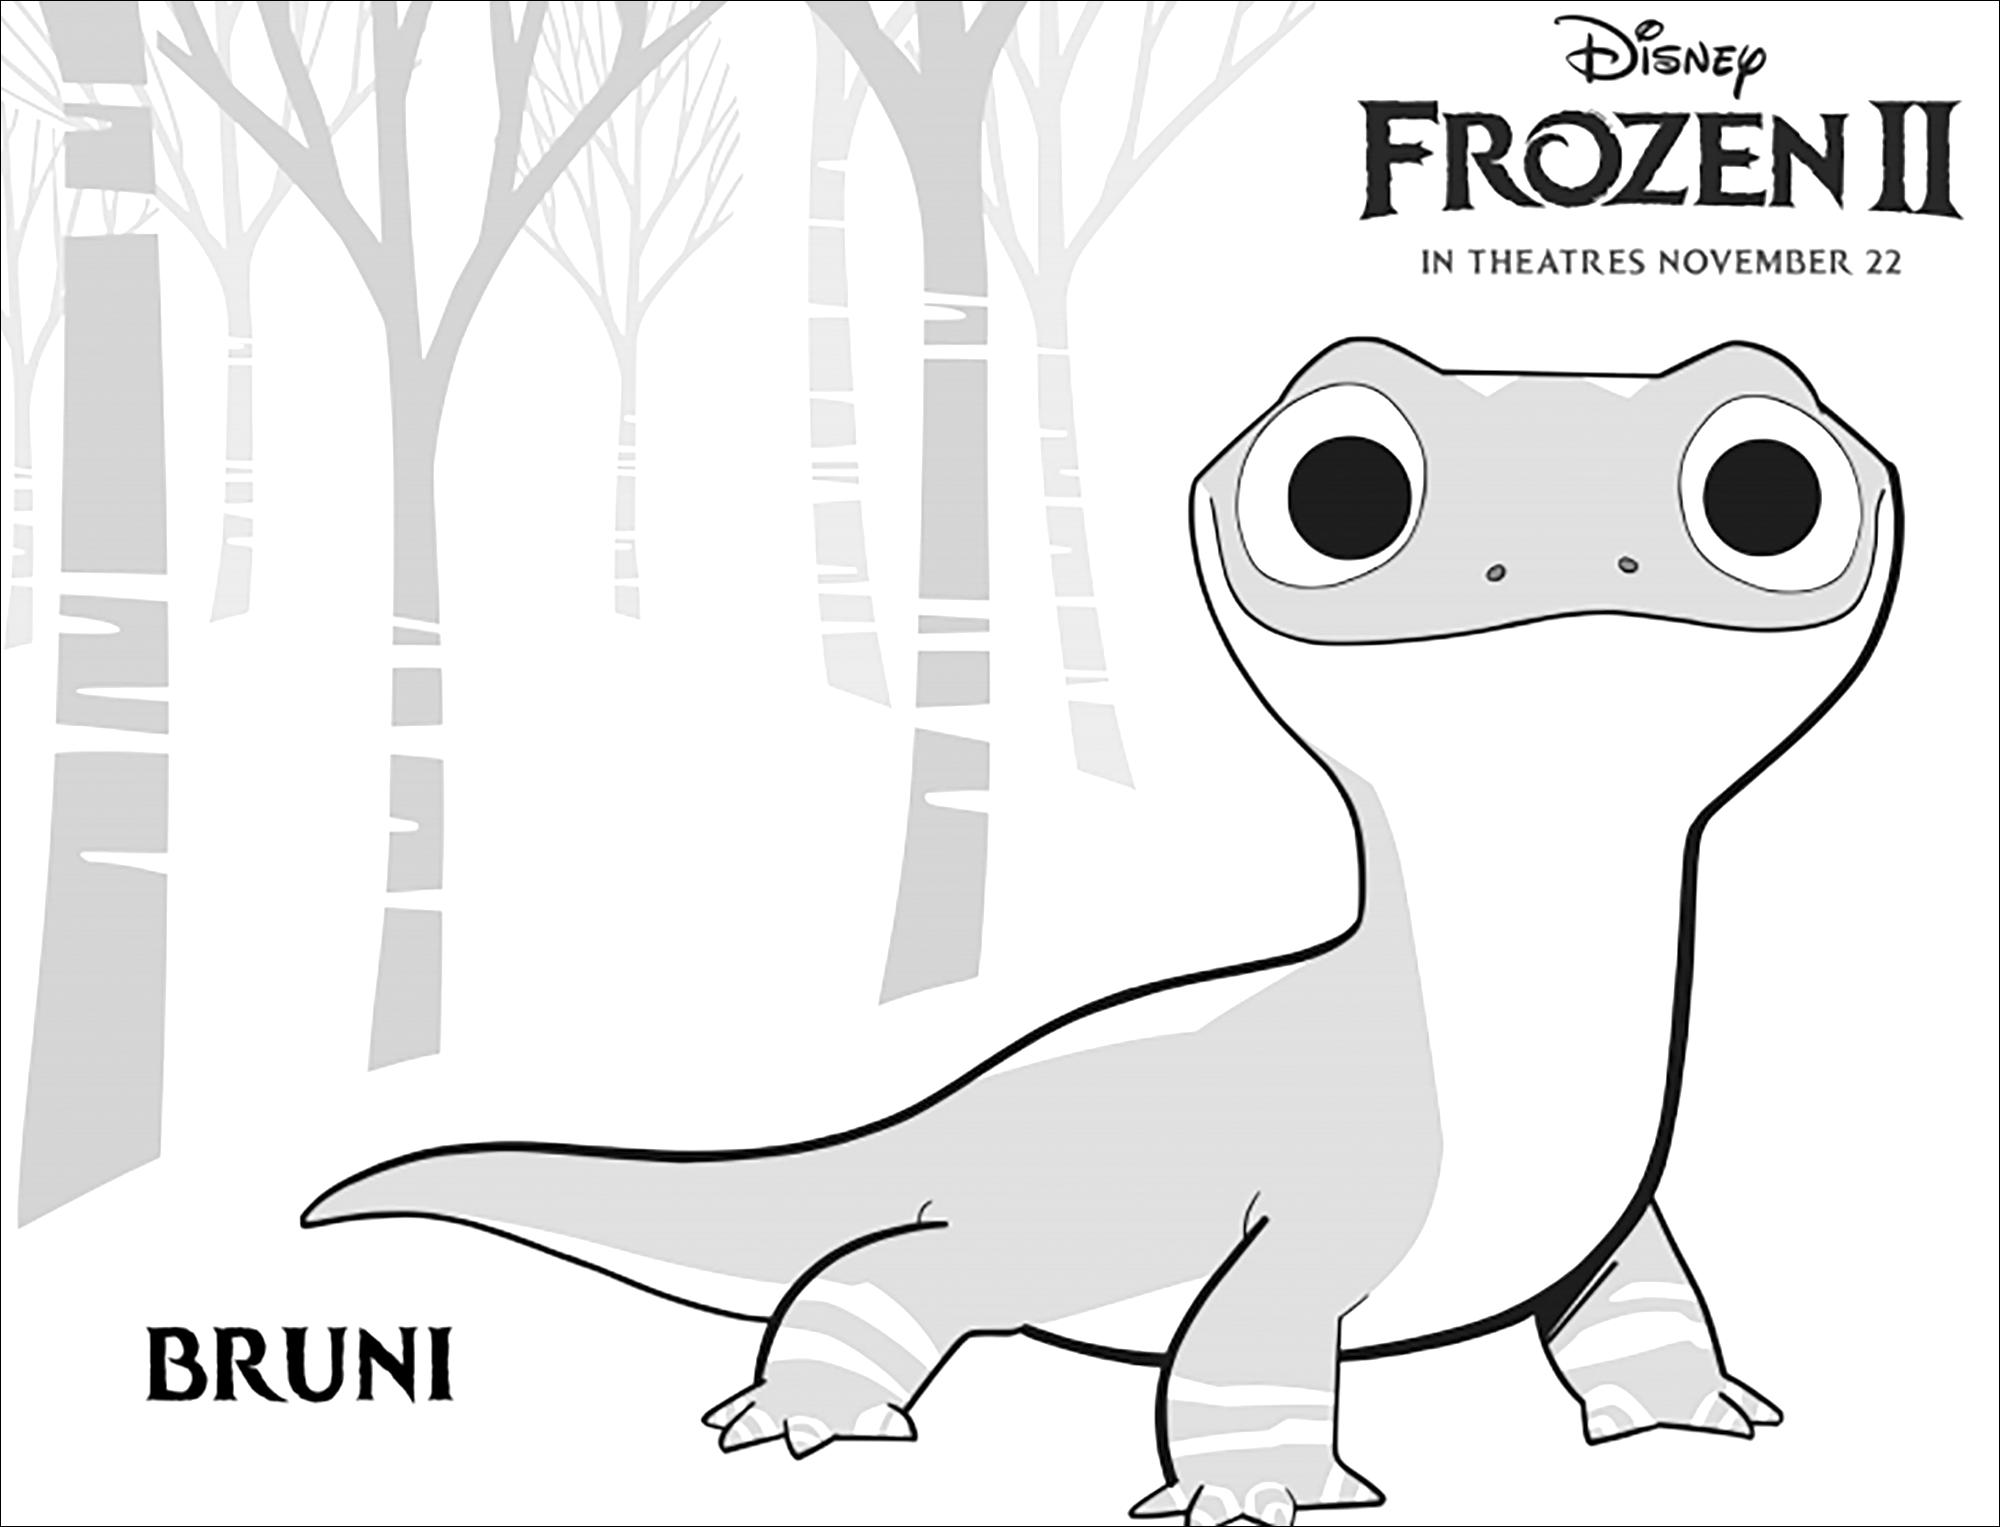 L'étrange Bruni, nouvelle créature qu'on découvre dans La reine des neiges 2 (Disney) : (version avec texte)